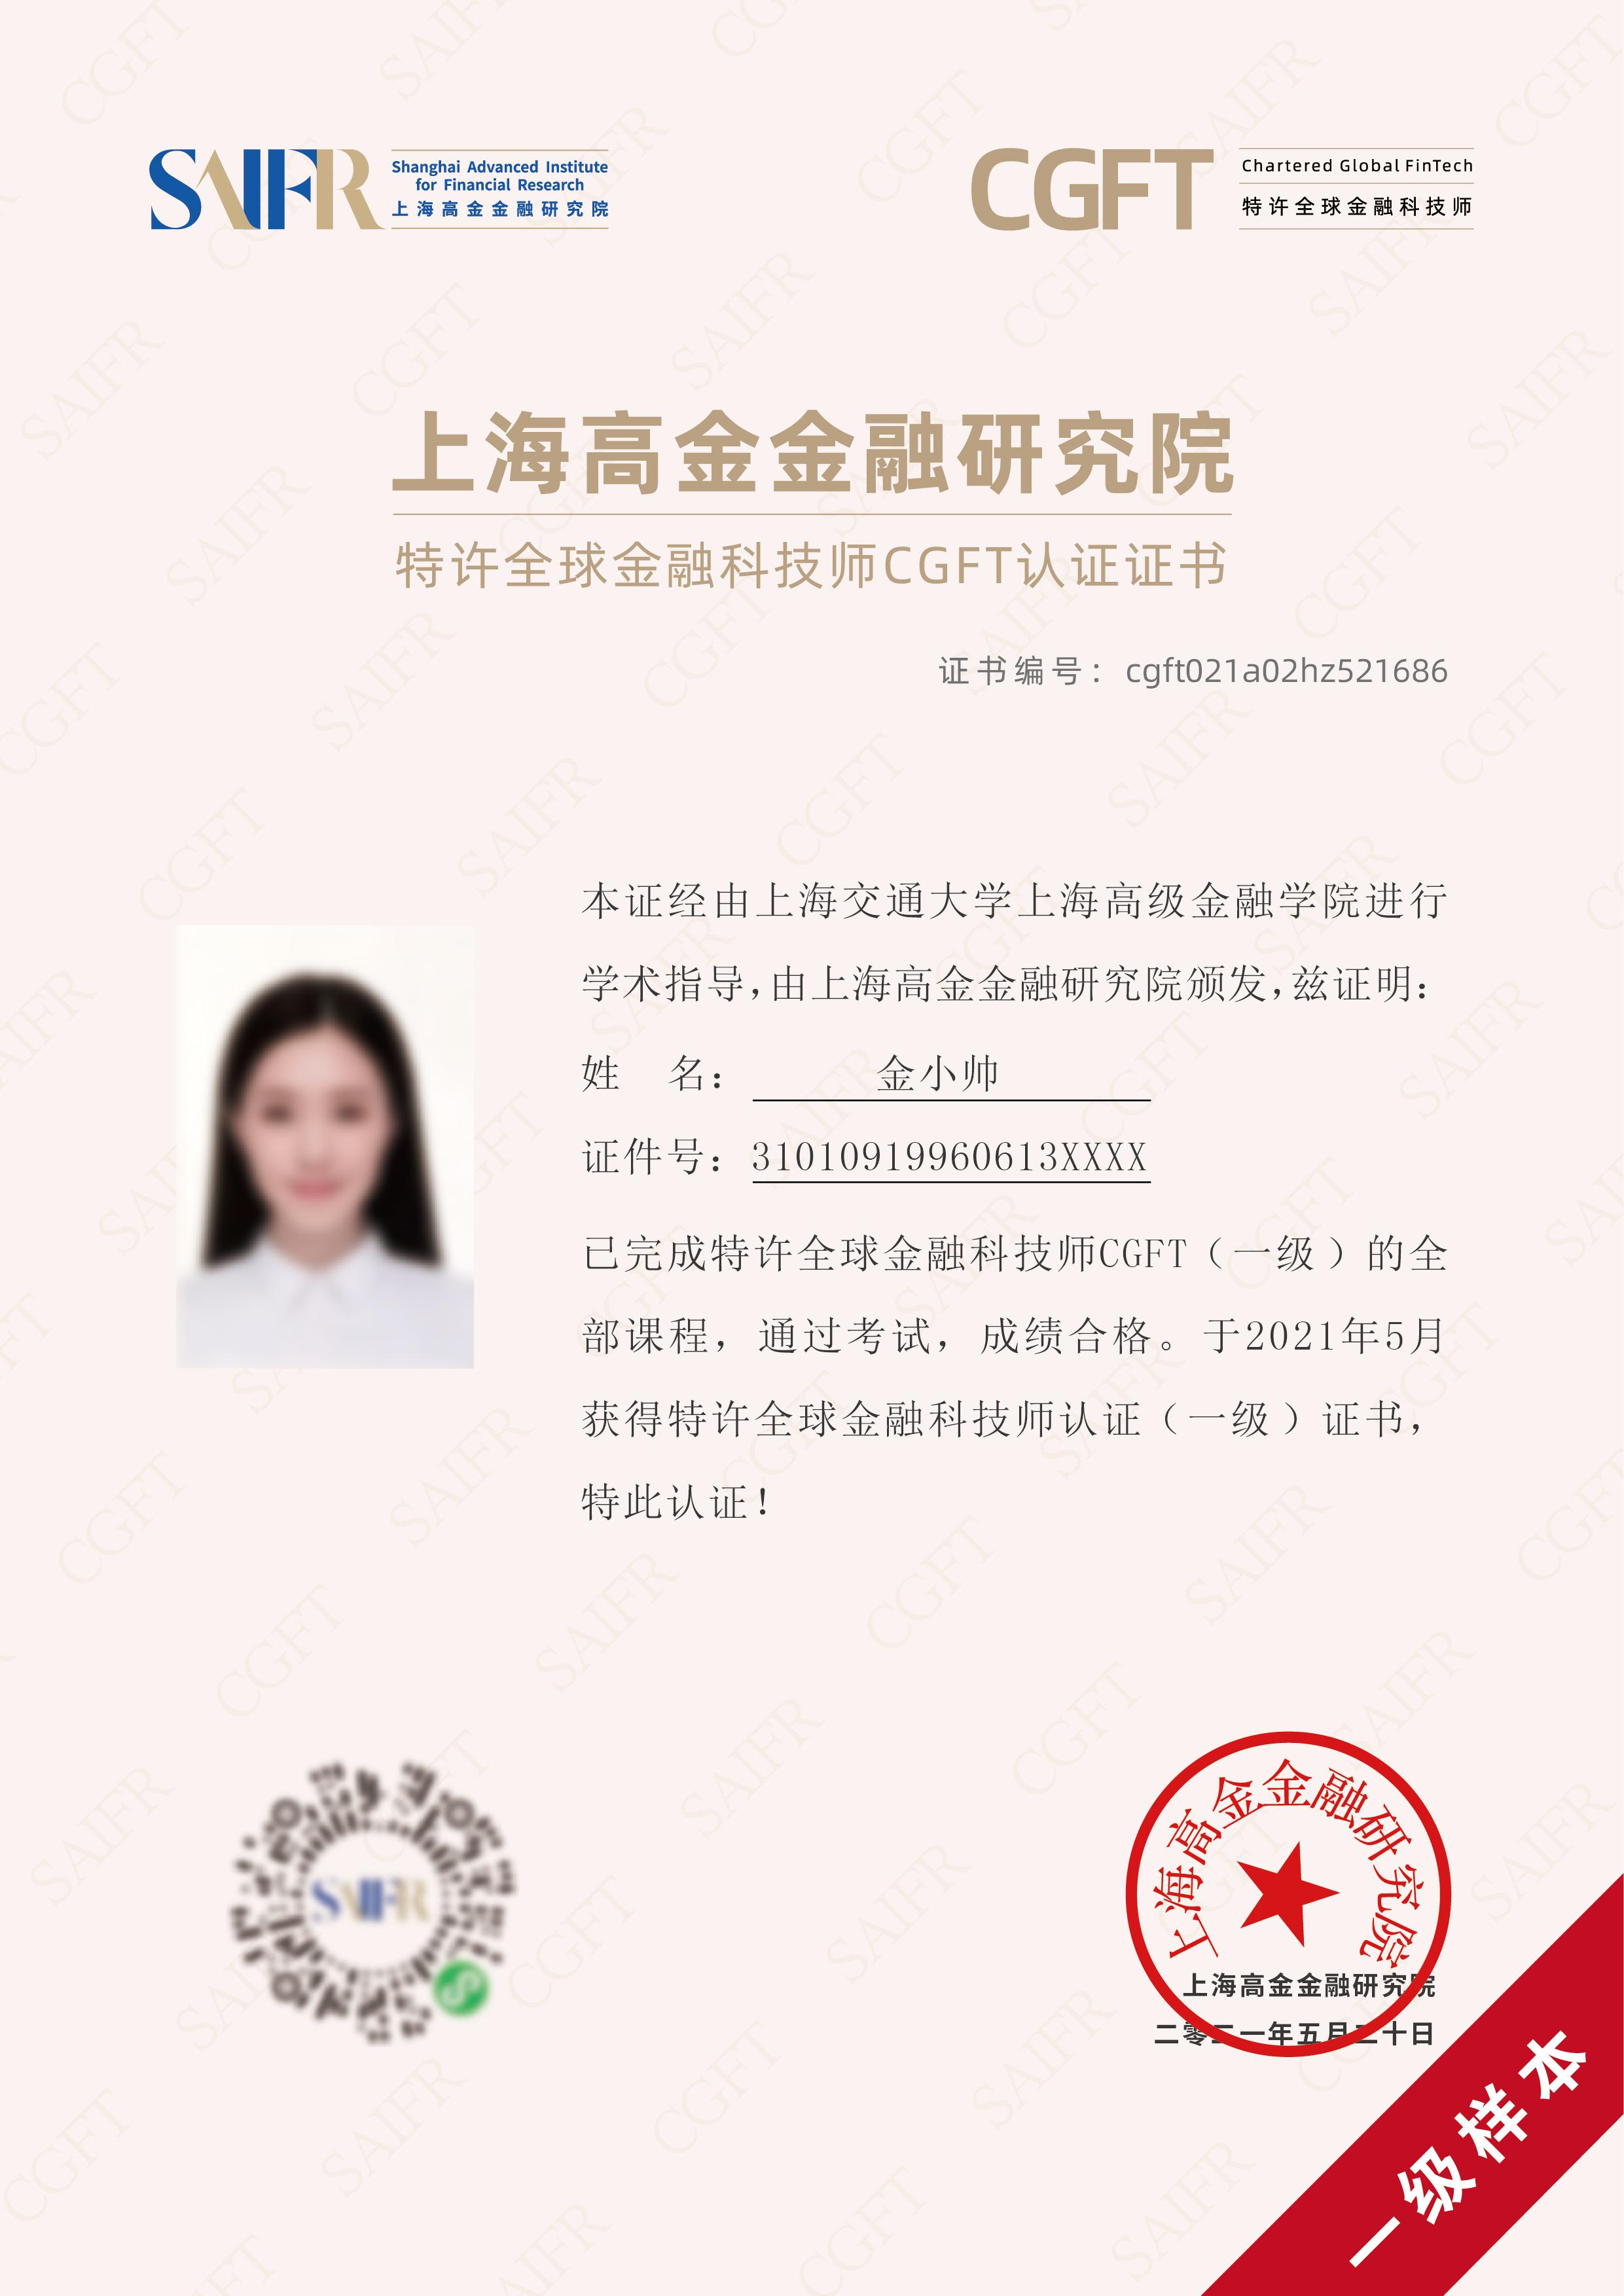 上海高金特许全球金融科技师纸质证书